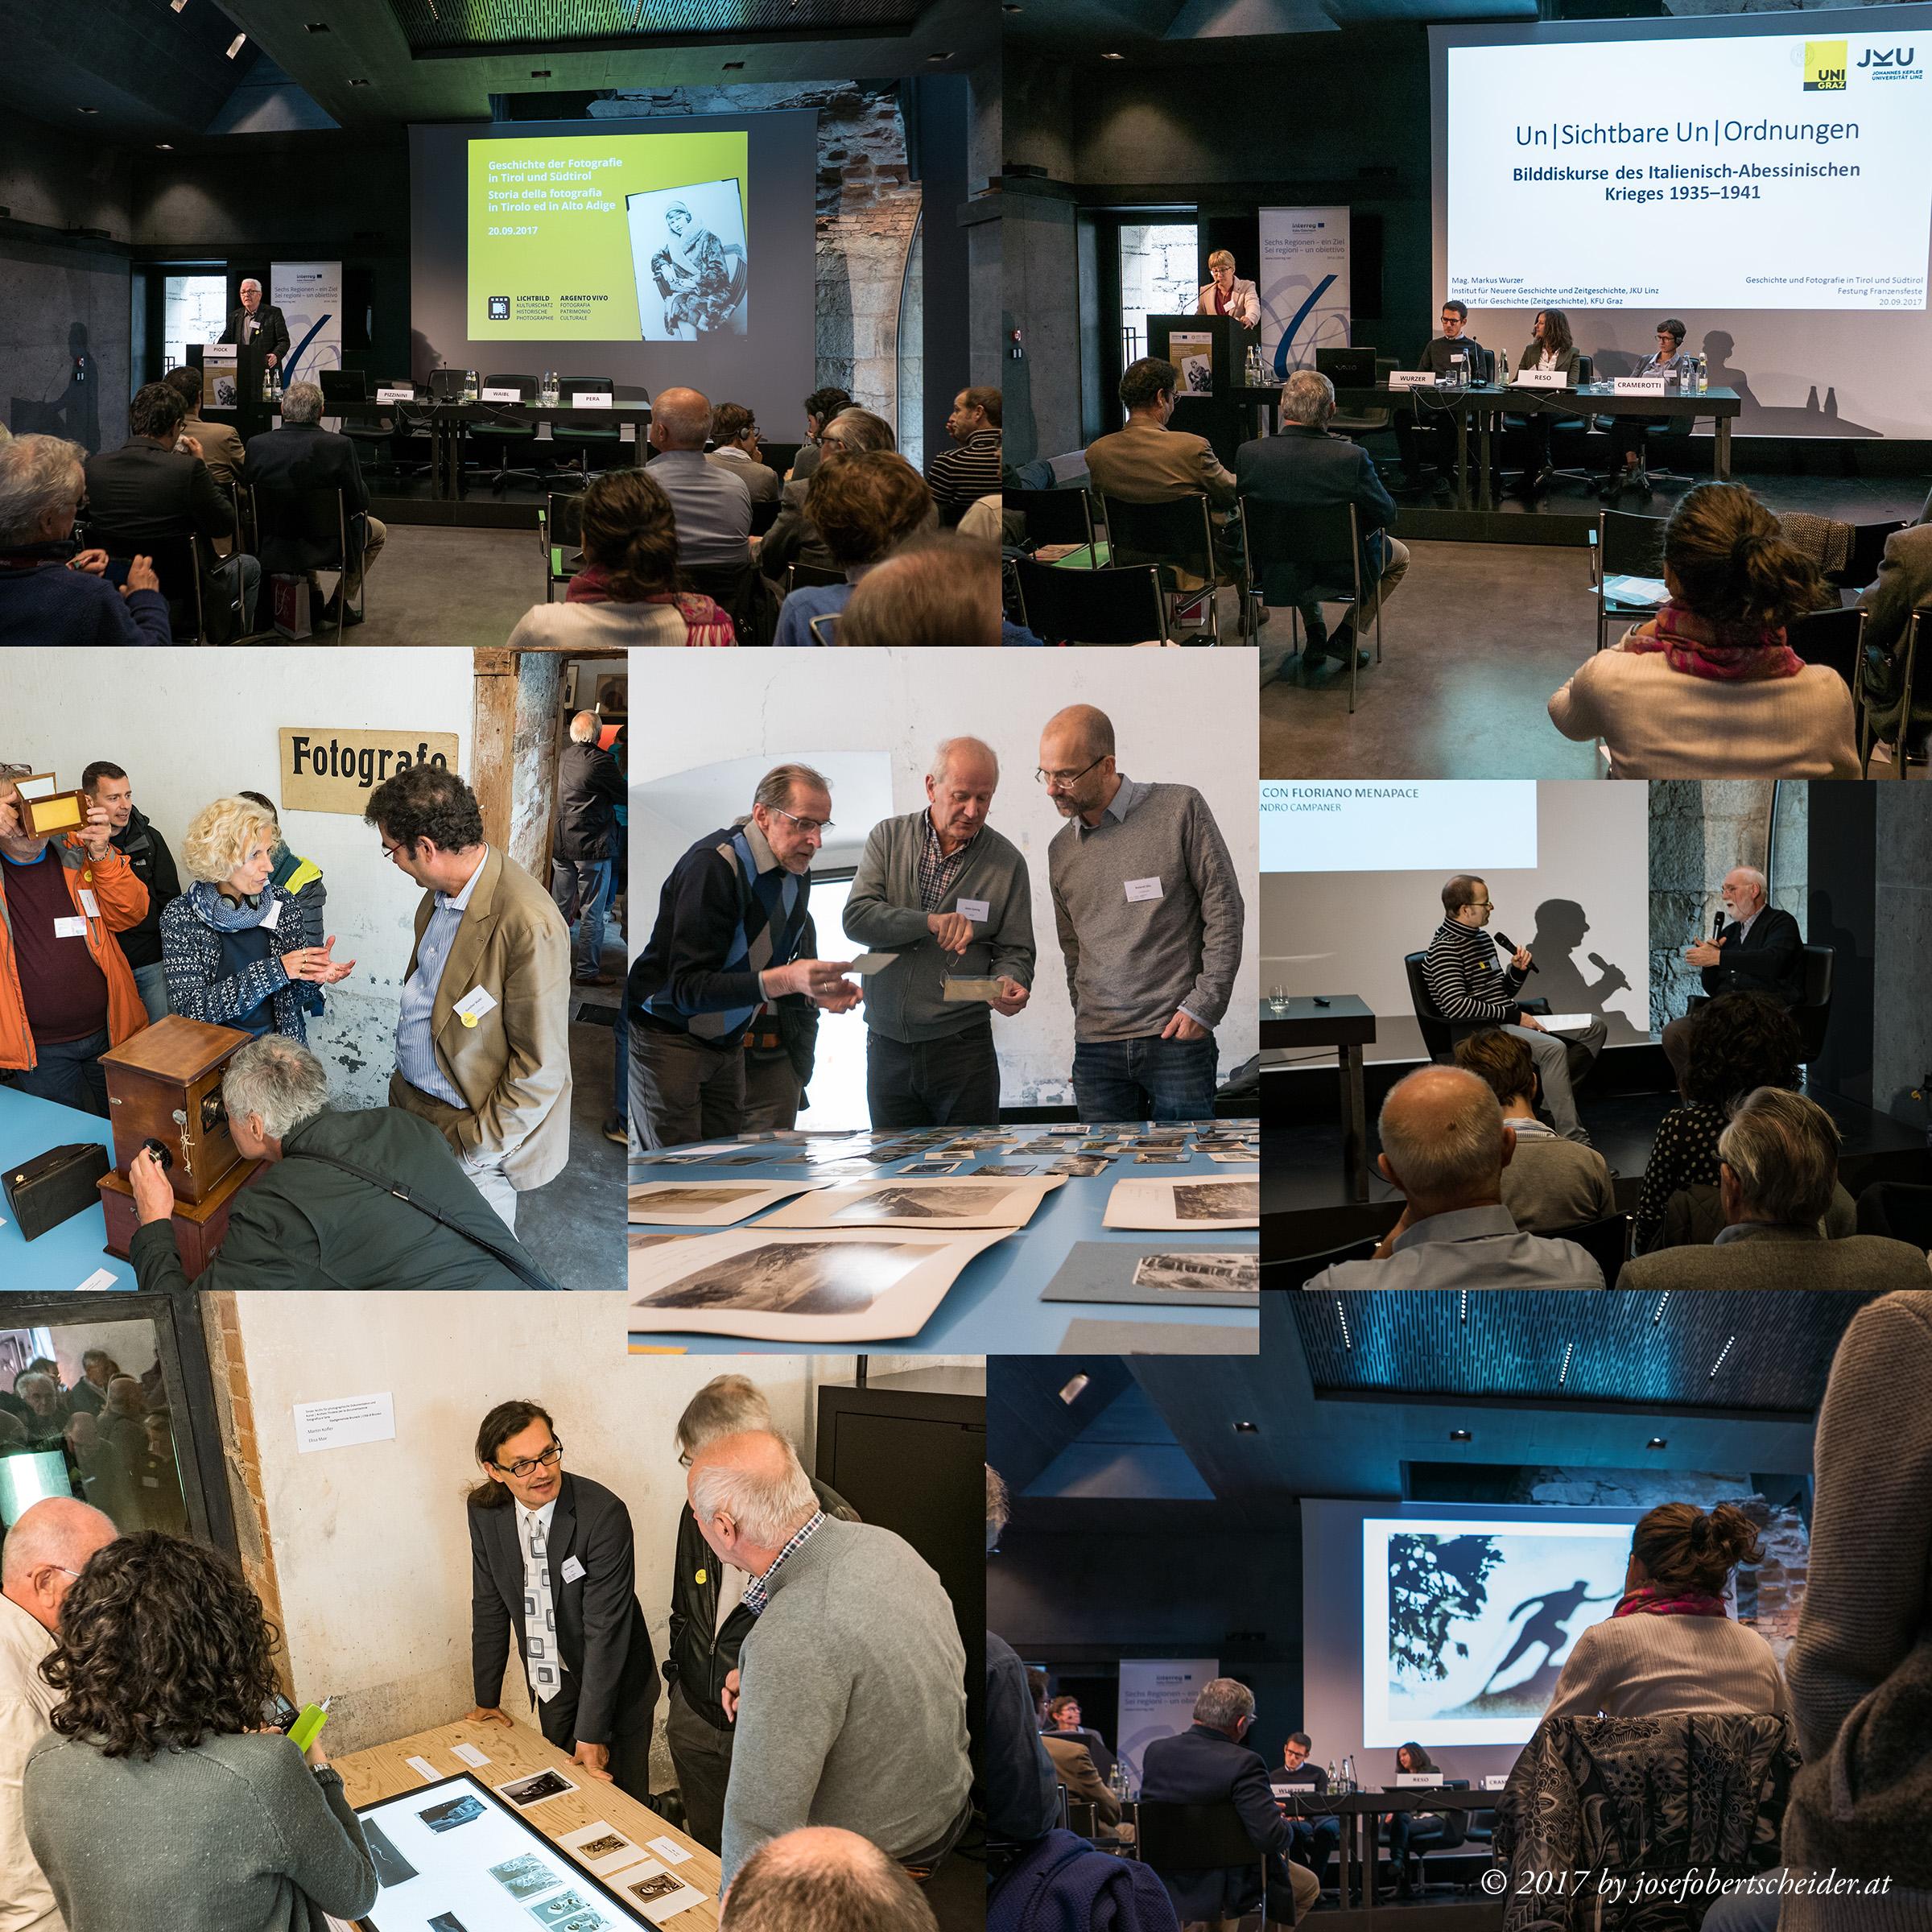 TAP Workshop im Rahmen des Interreg Projektes Lichtbild-Argento vivo in der Festung Franzensfeste